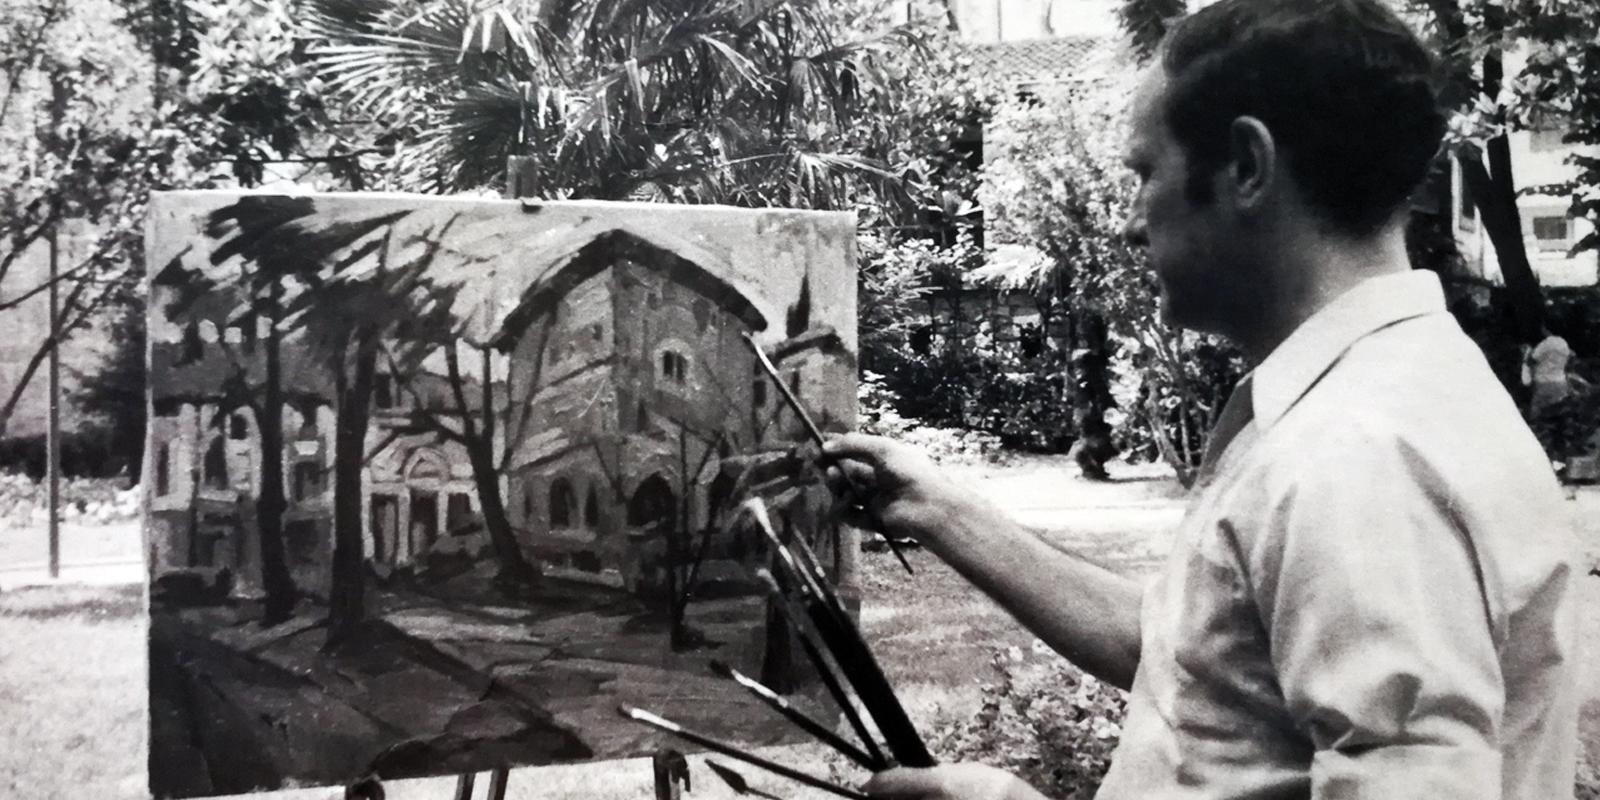 Jose Kareaga. Pintura, Inicios